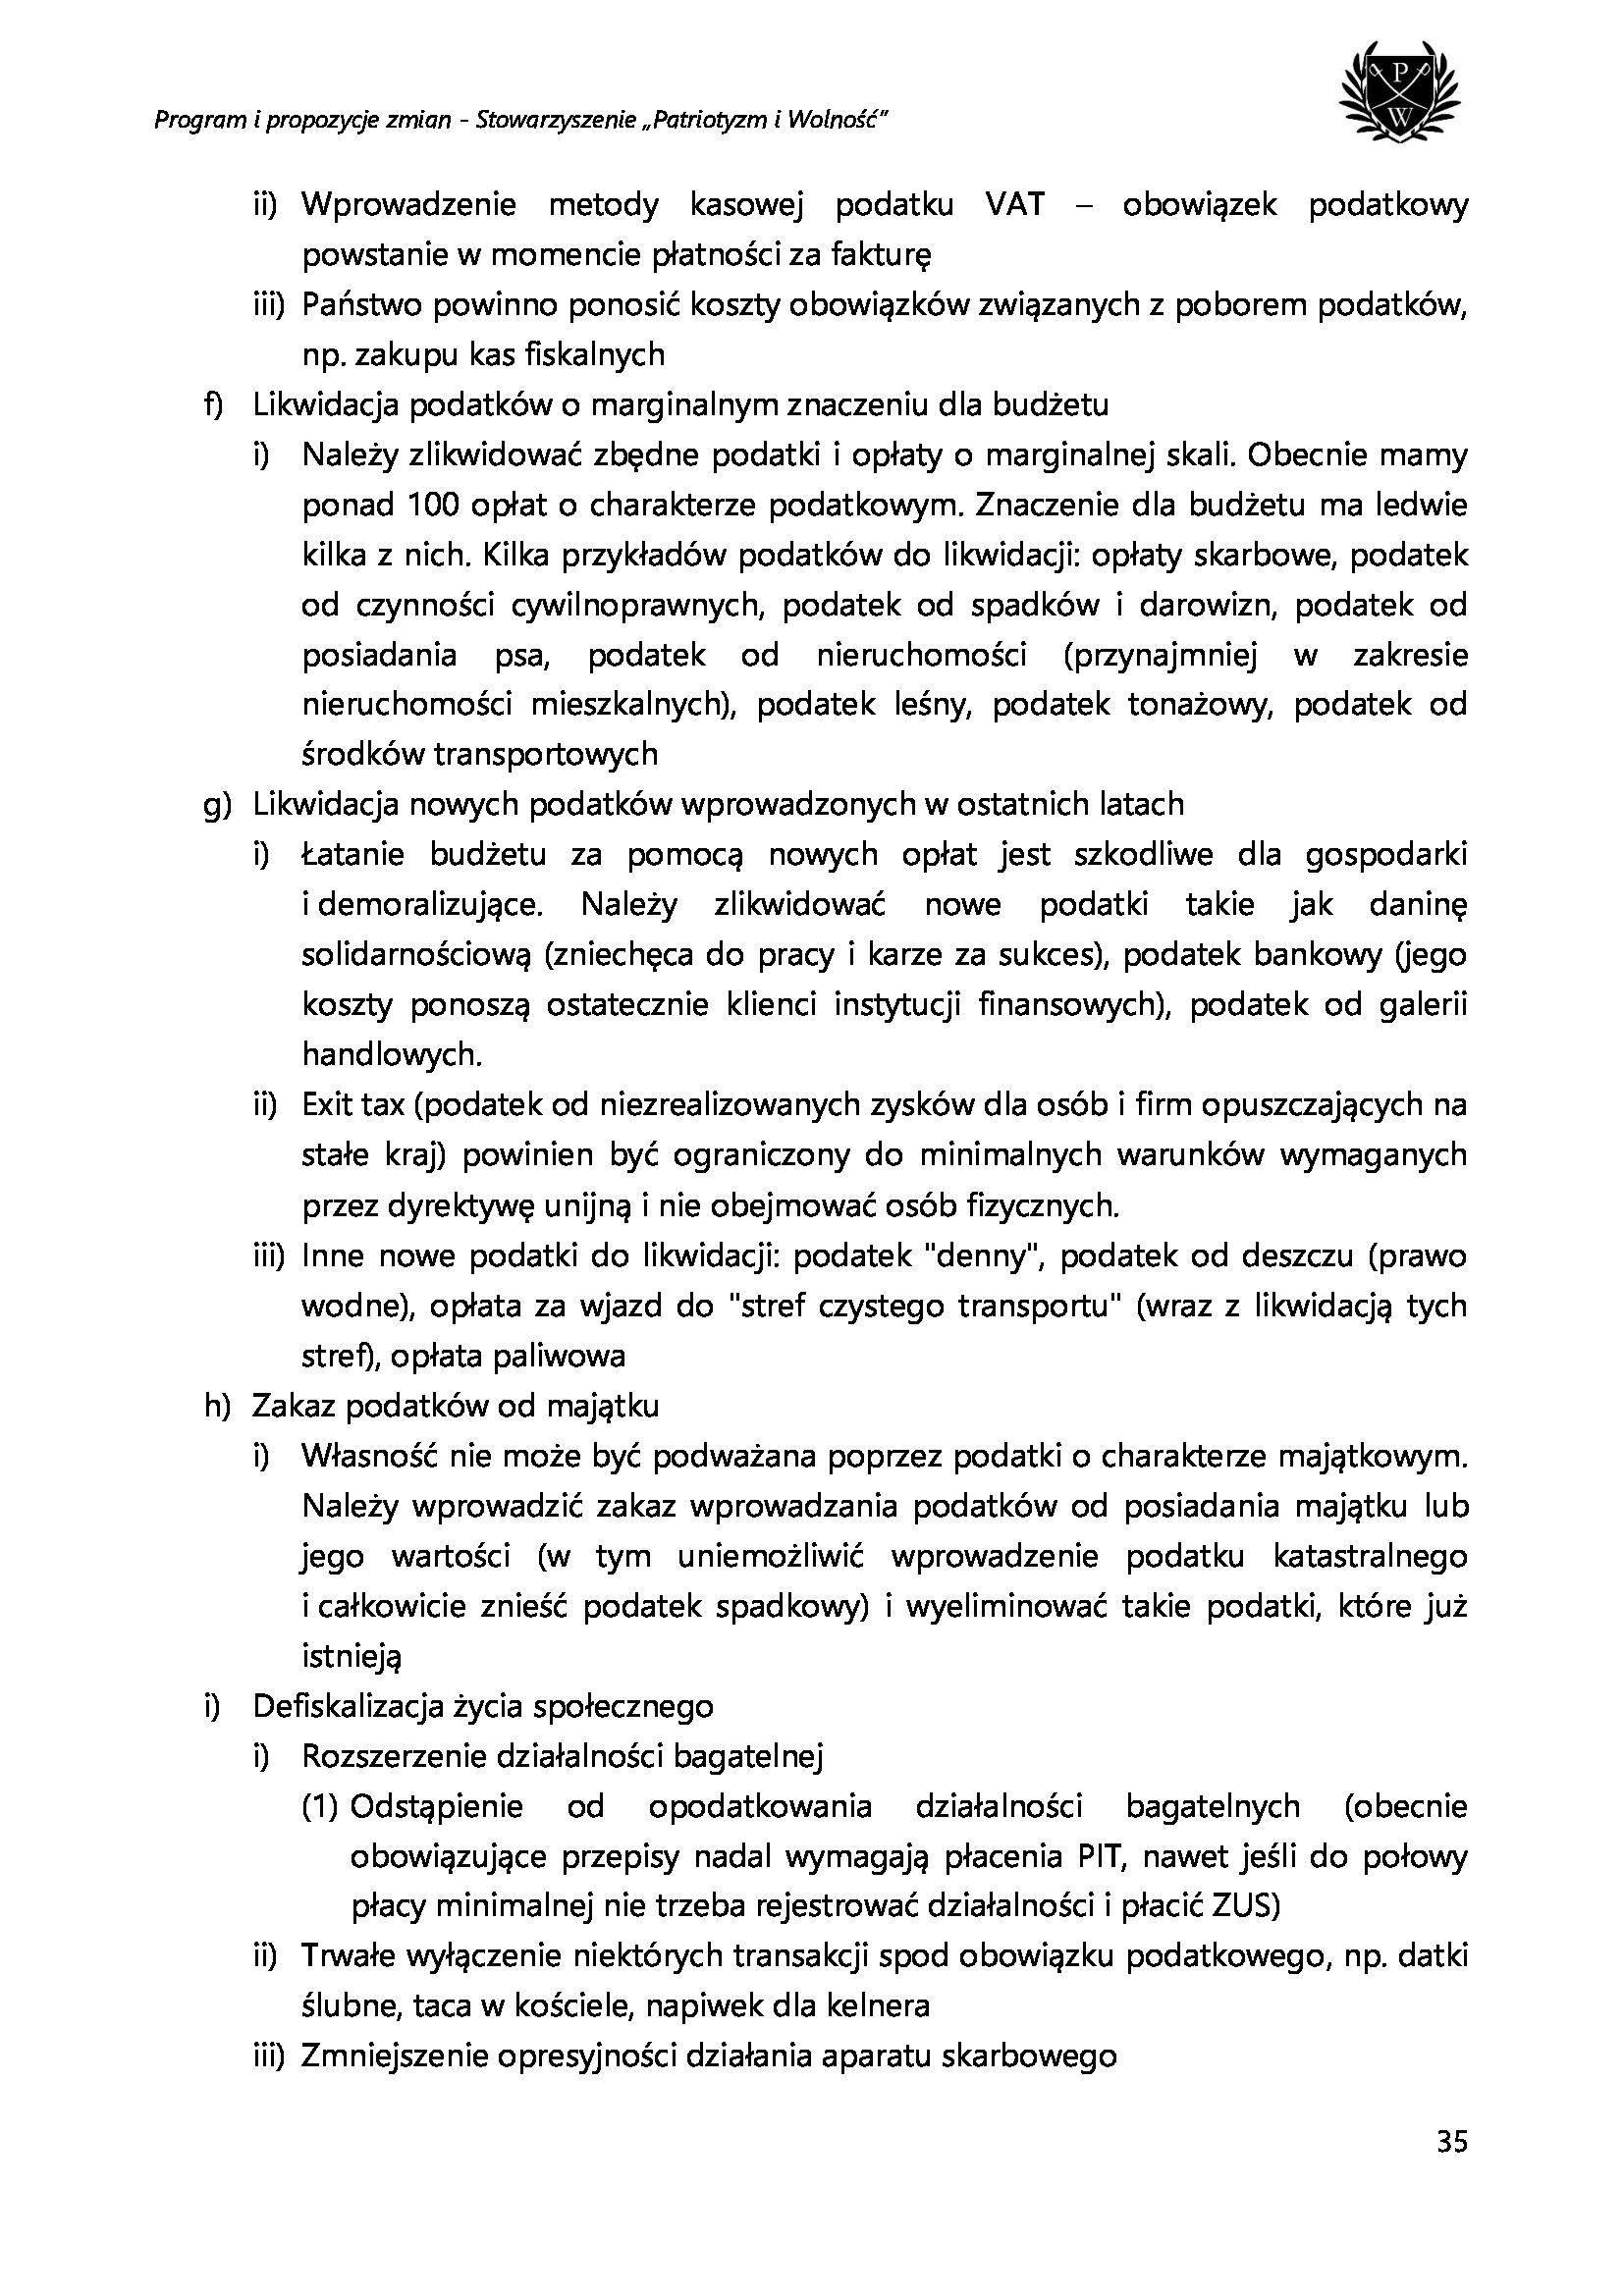 db9e272ef5a9a2e66d26f1905be6c507-35